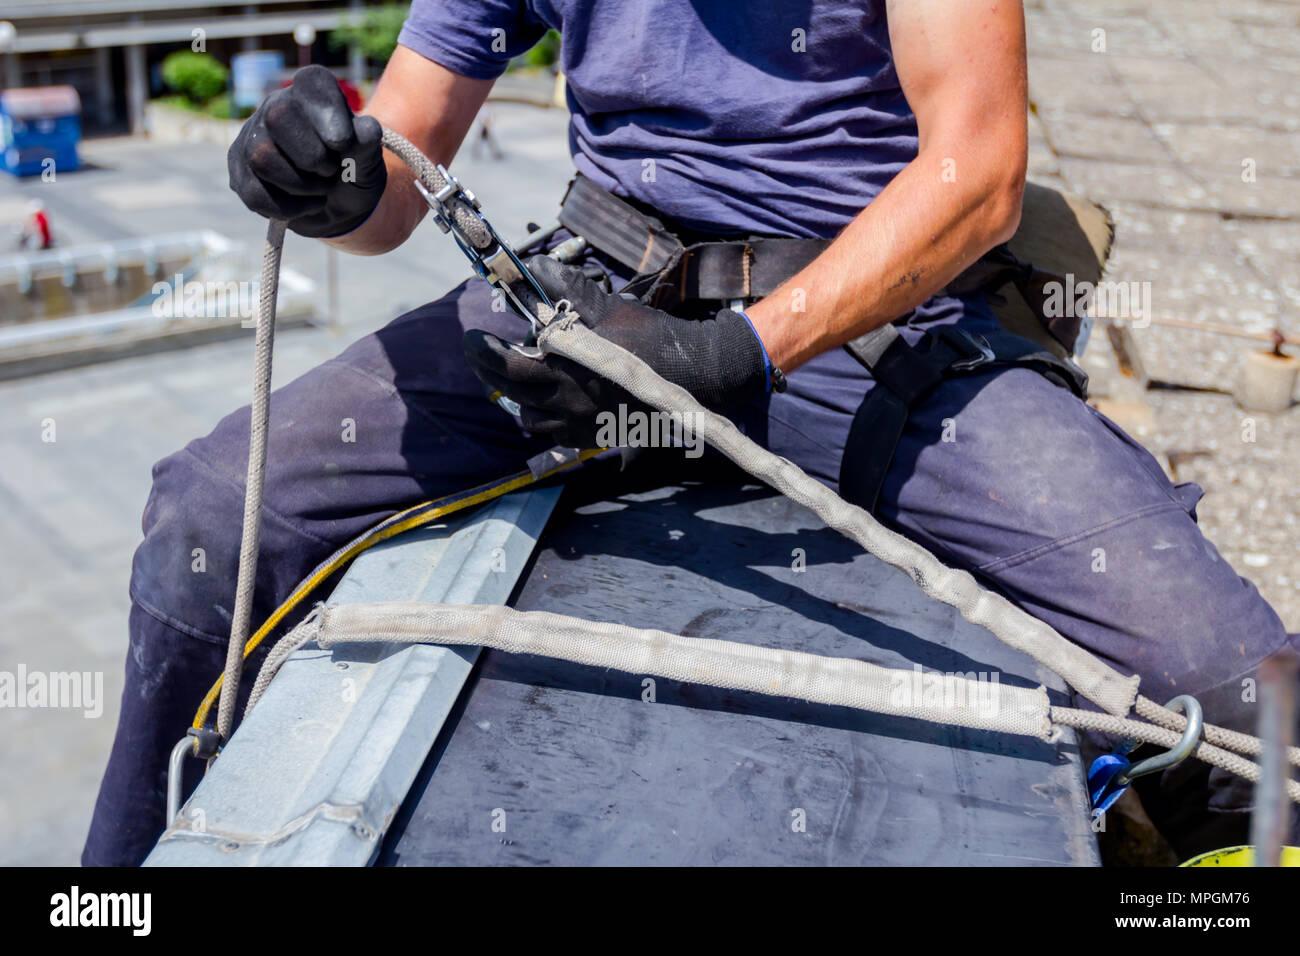 Kletterausrüstung Industrie : Industriekletterer alpinisten passt die kletterausrüstung